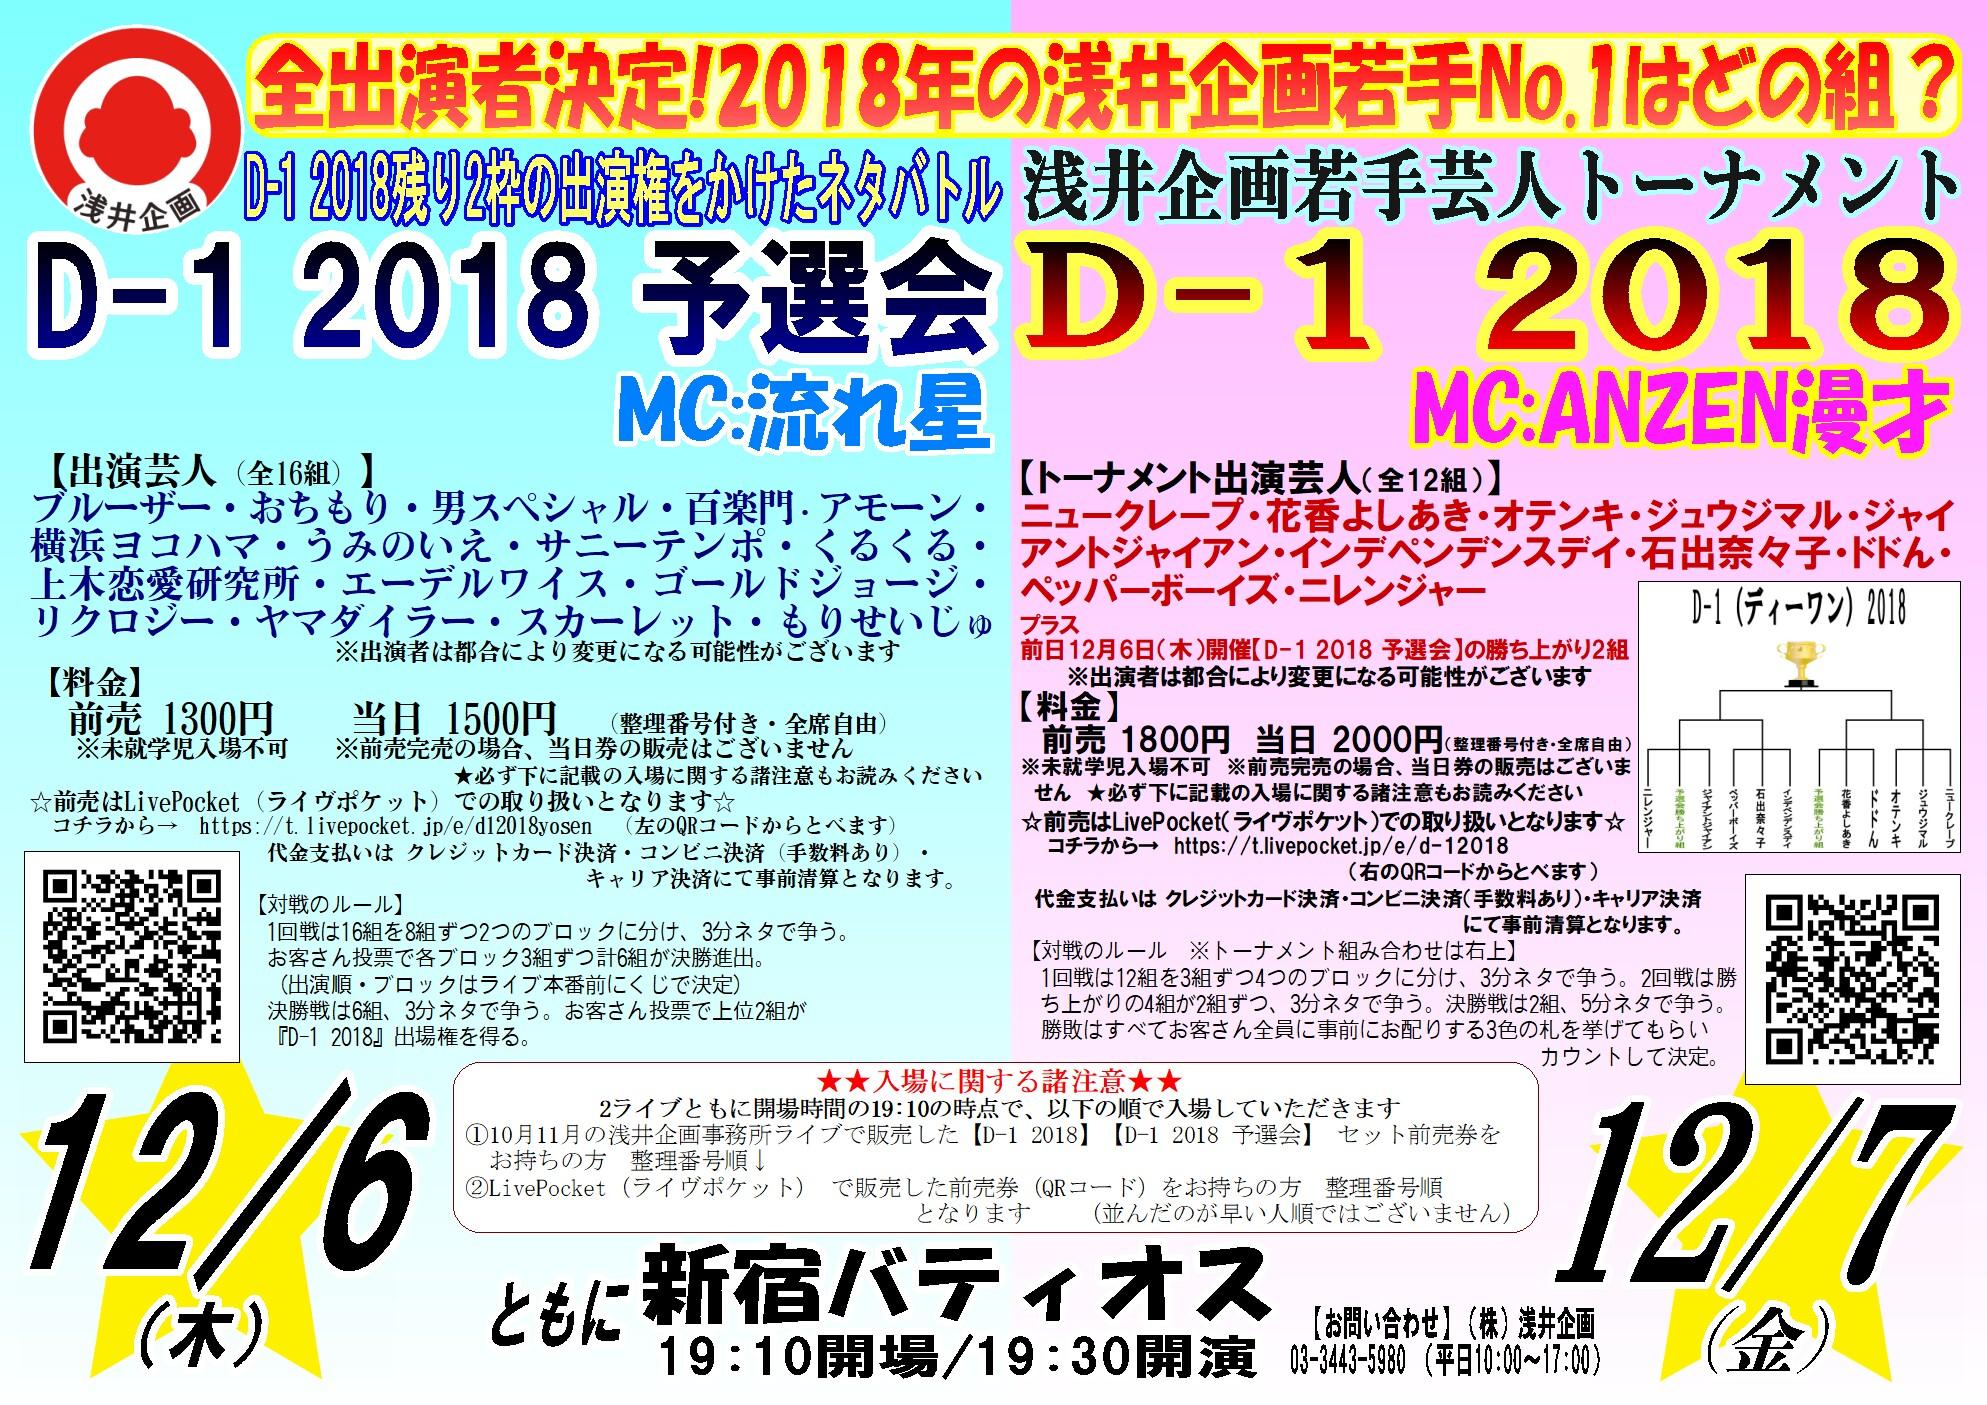 浅井企画若手芸人トーナメント D-1 2018